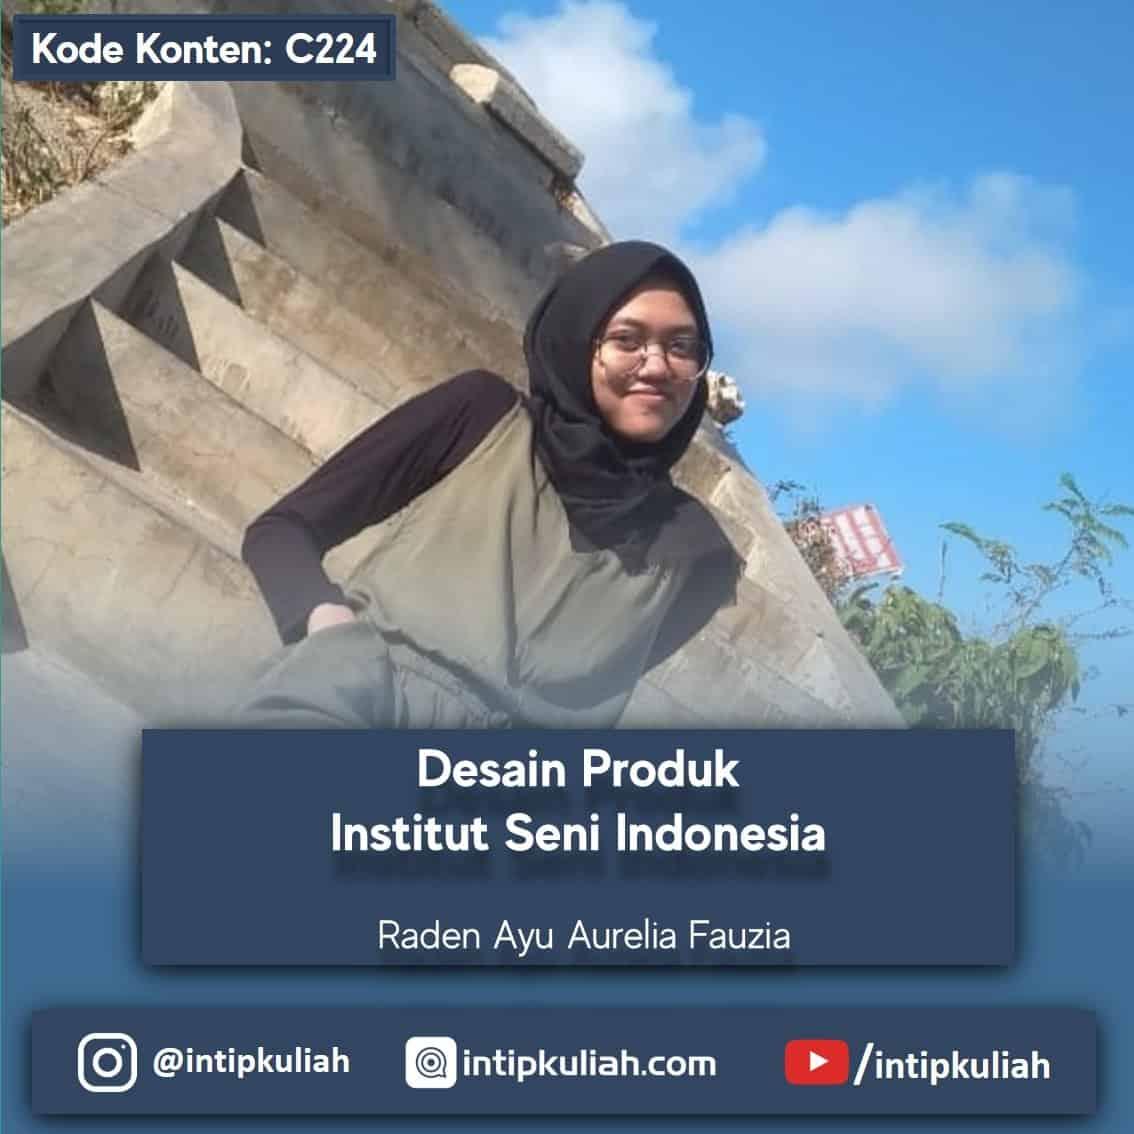 Desain Produk Institut Seni Indonesia (Aurel)